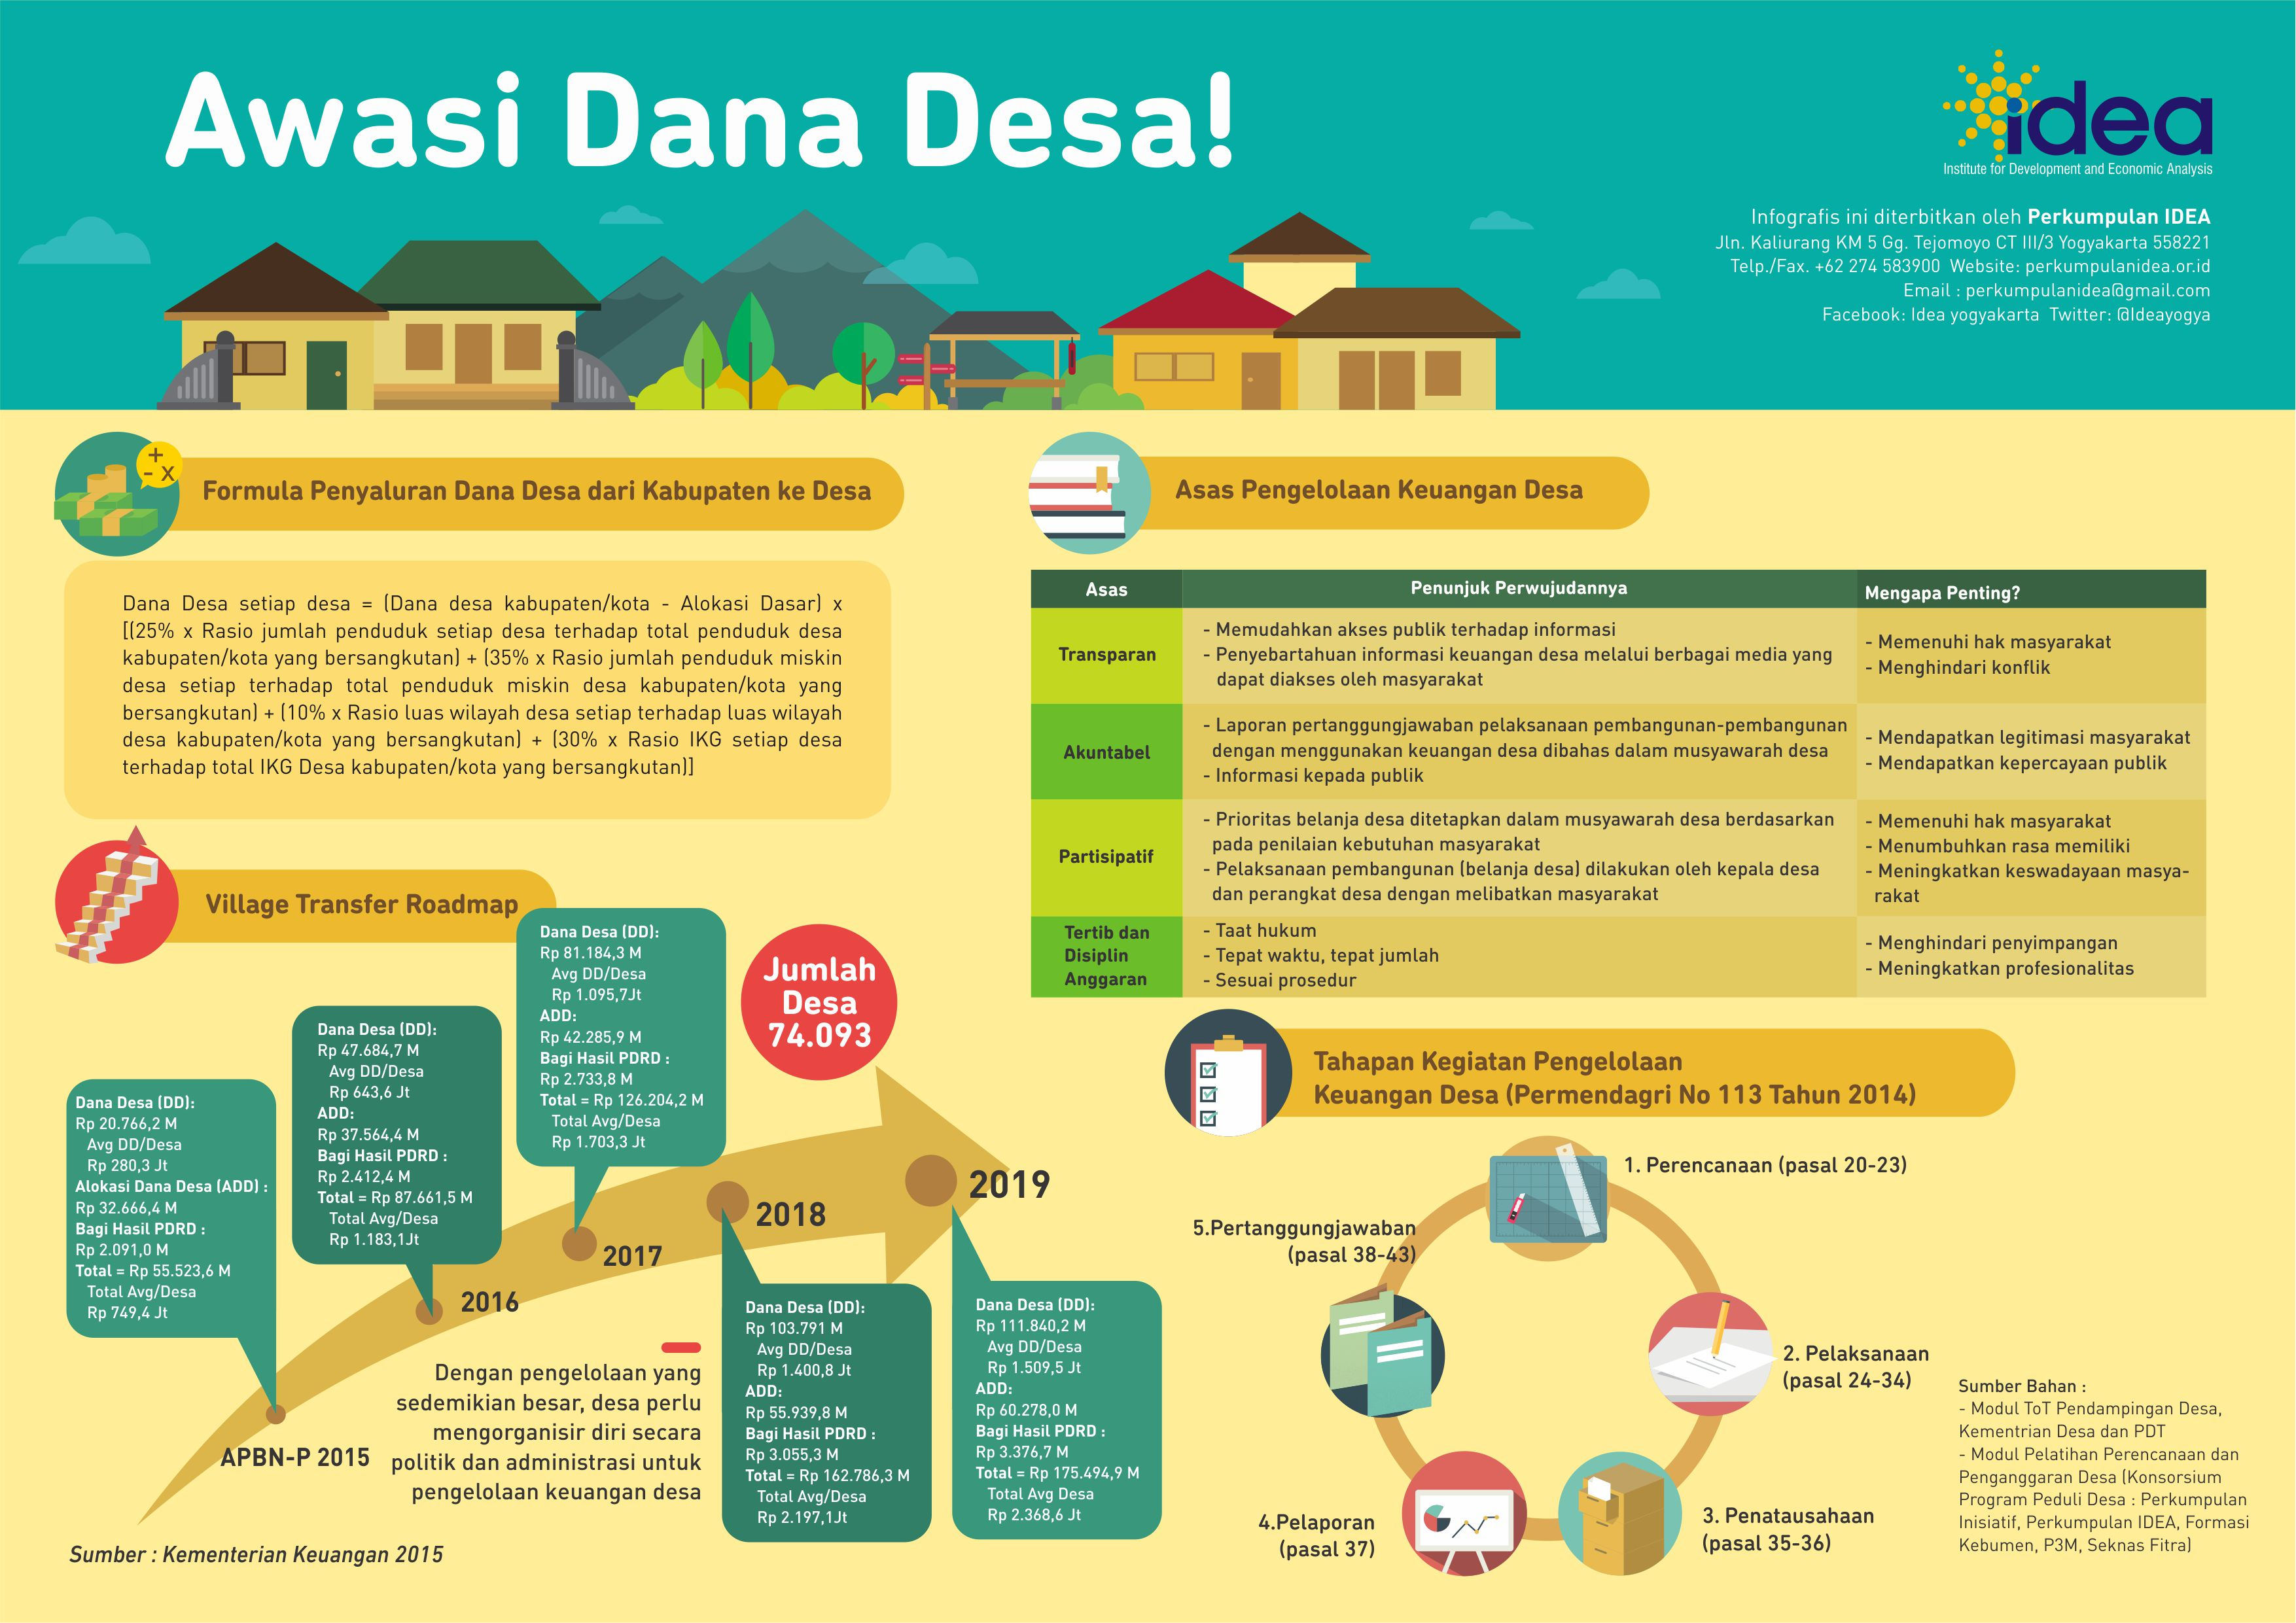 Infografis Awasi Dana Desa !